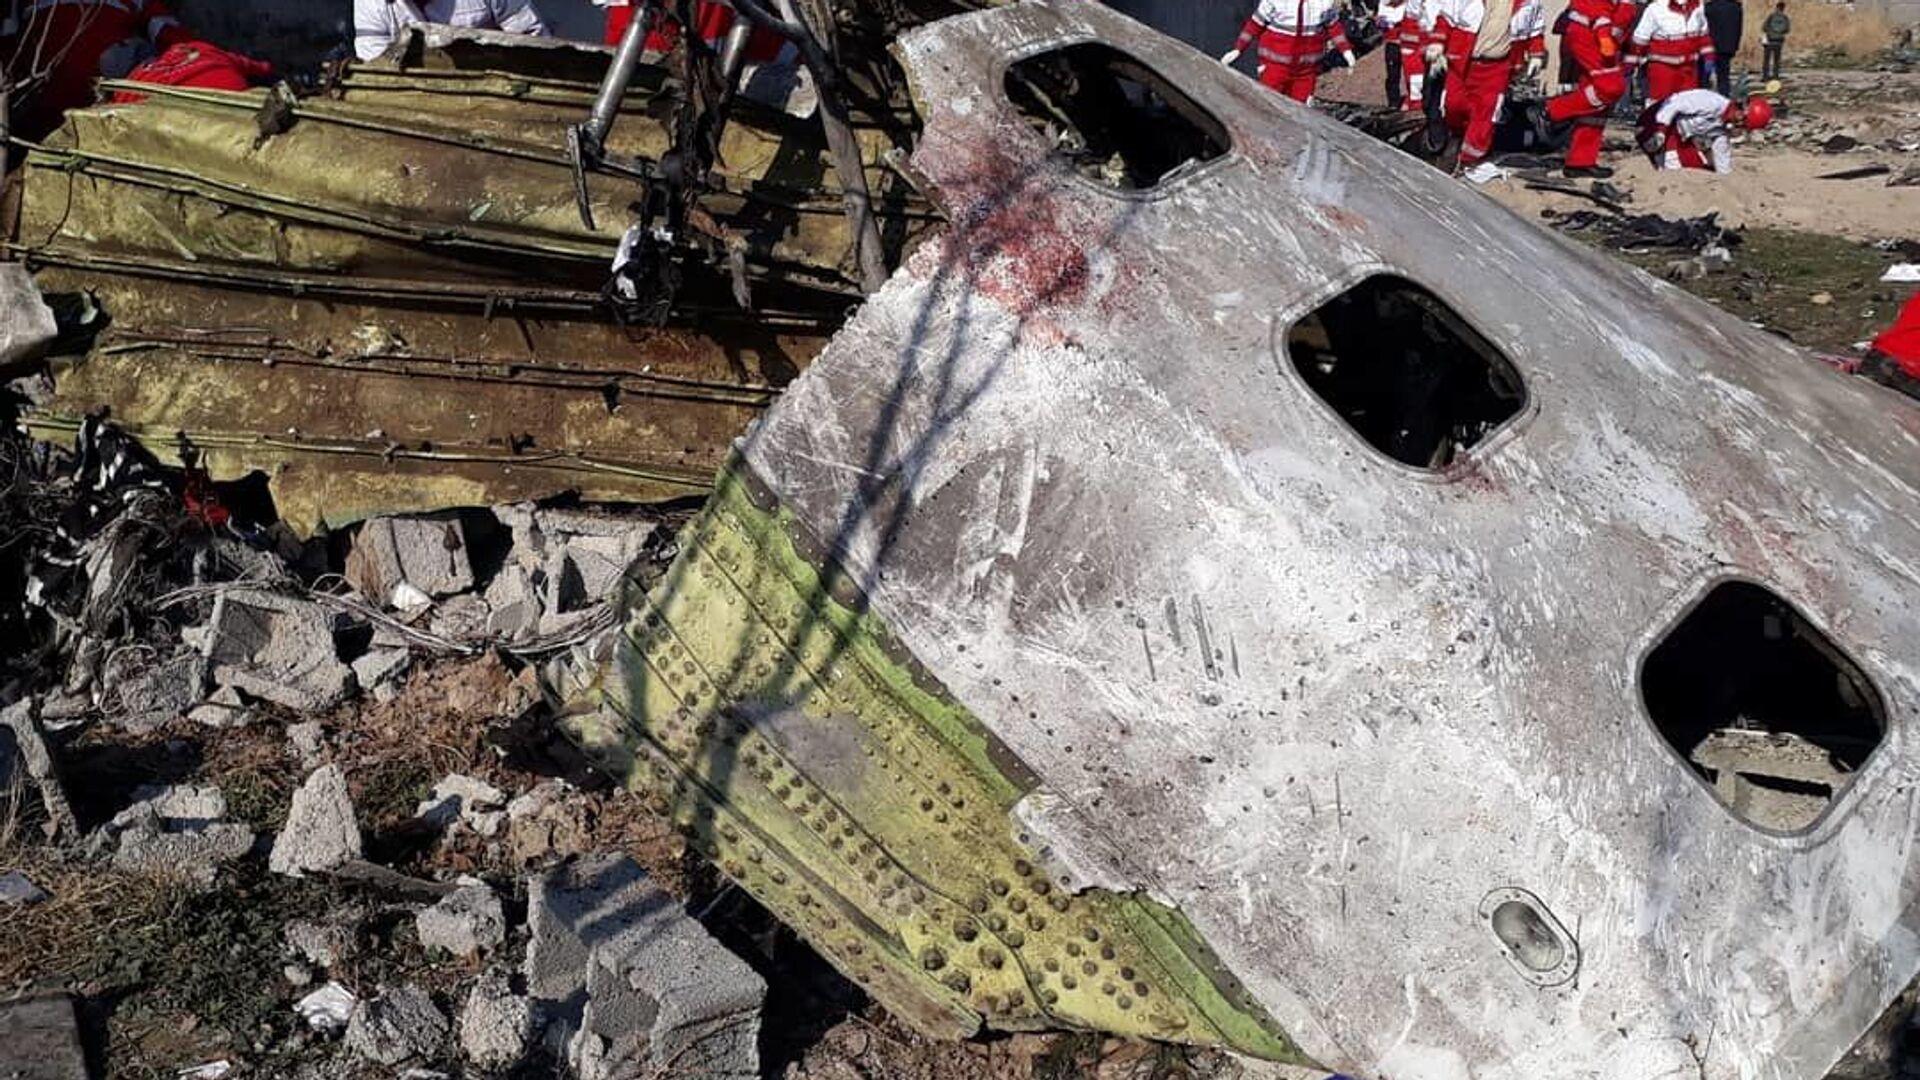 El Boeing 737 de la aerolínea Ukraine International Airlines siniestrado cerca del aeropuerto de Teherán - Sputnik Mundo, 1920, 27.04.2021